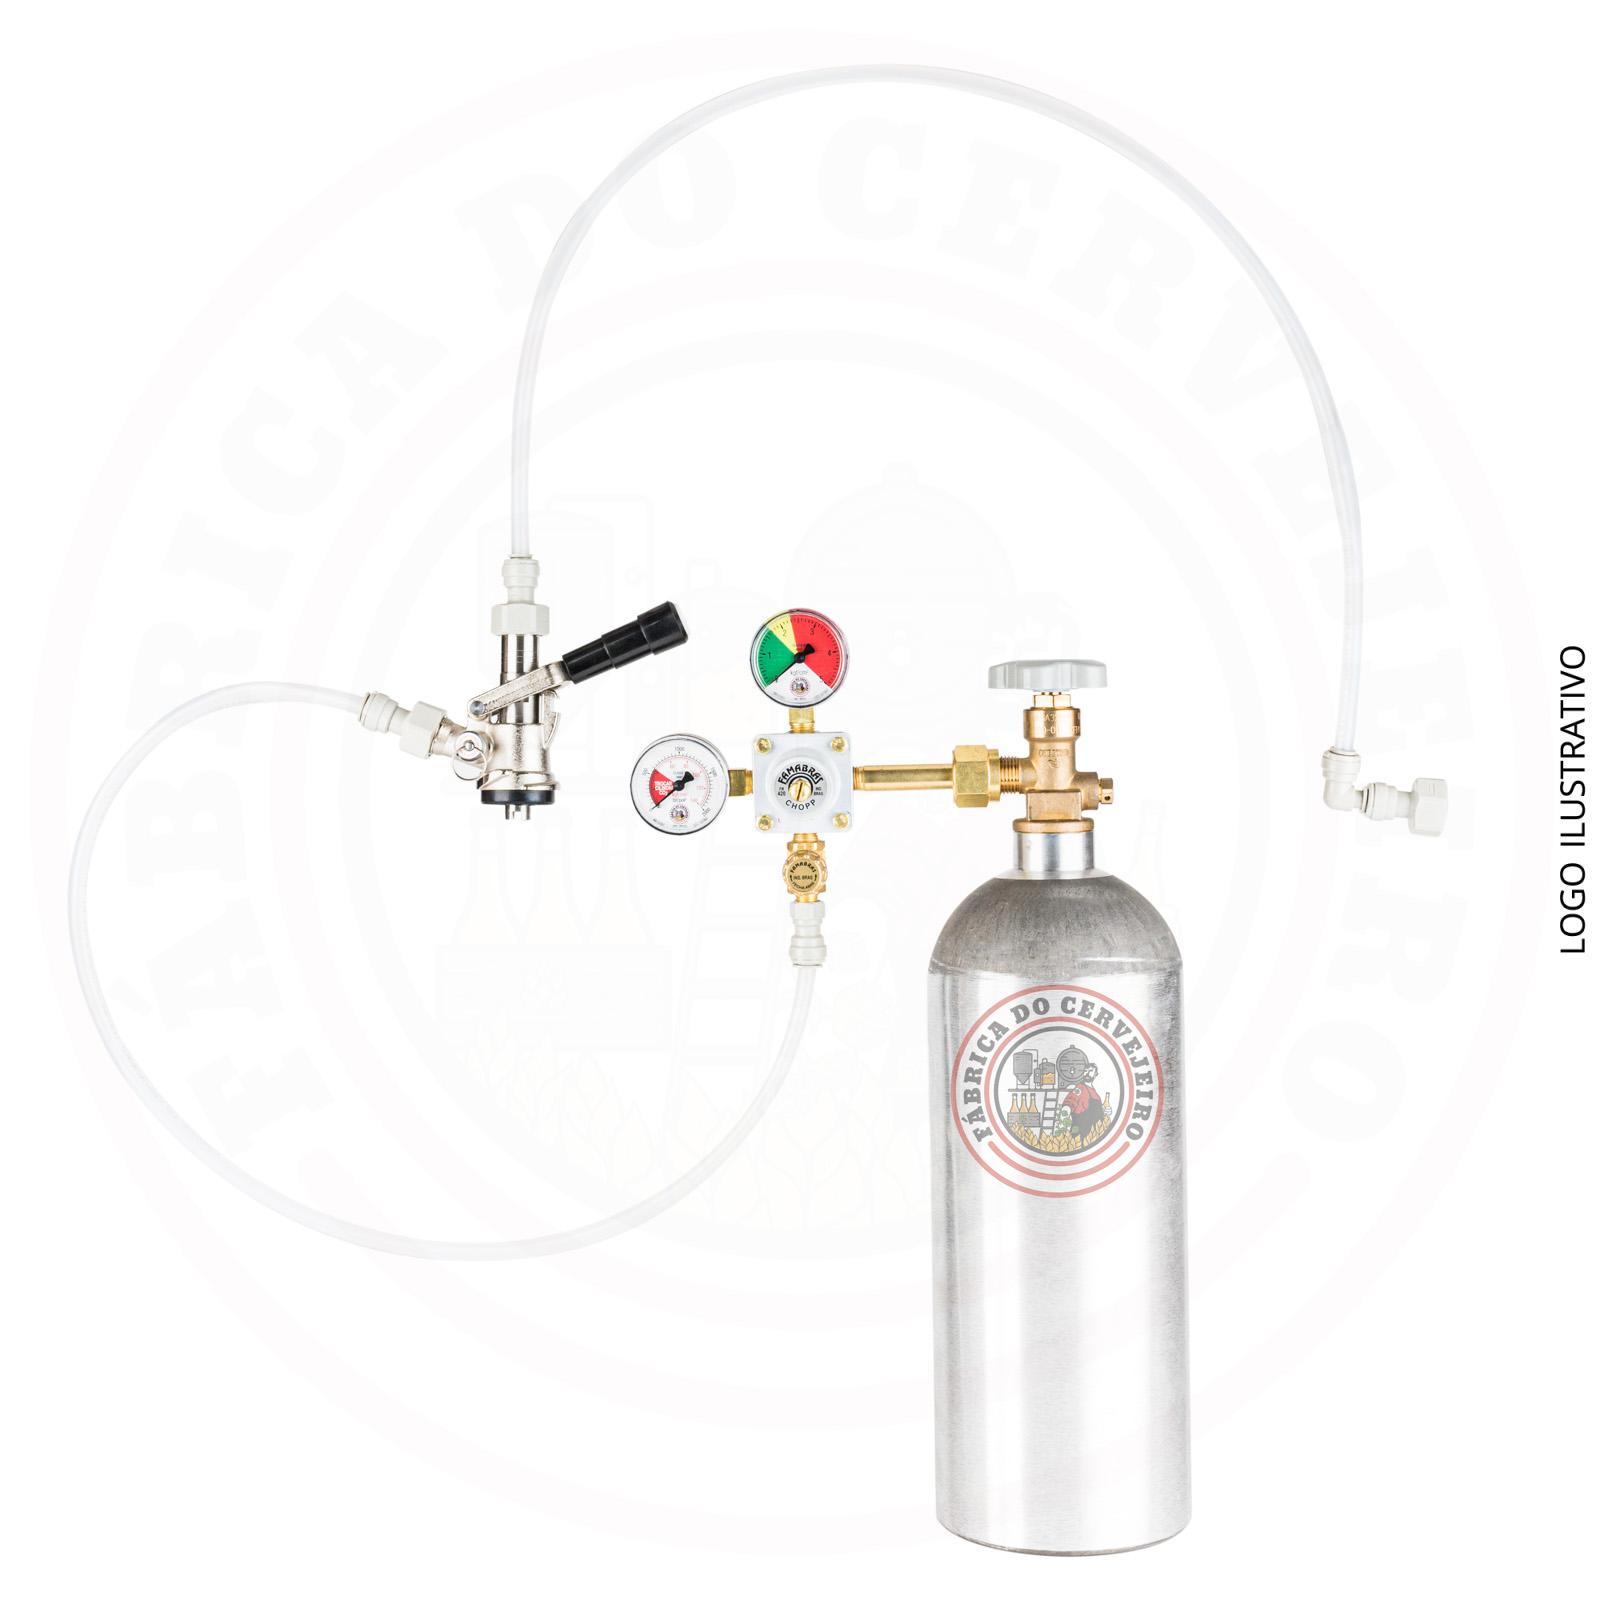 kit extração para barril tipo S engate rápido com regulador de pressão famabras e cilindro 2,3 kg